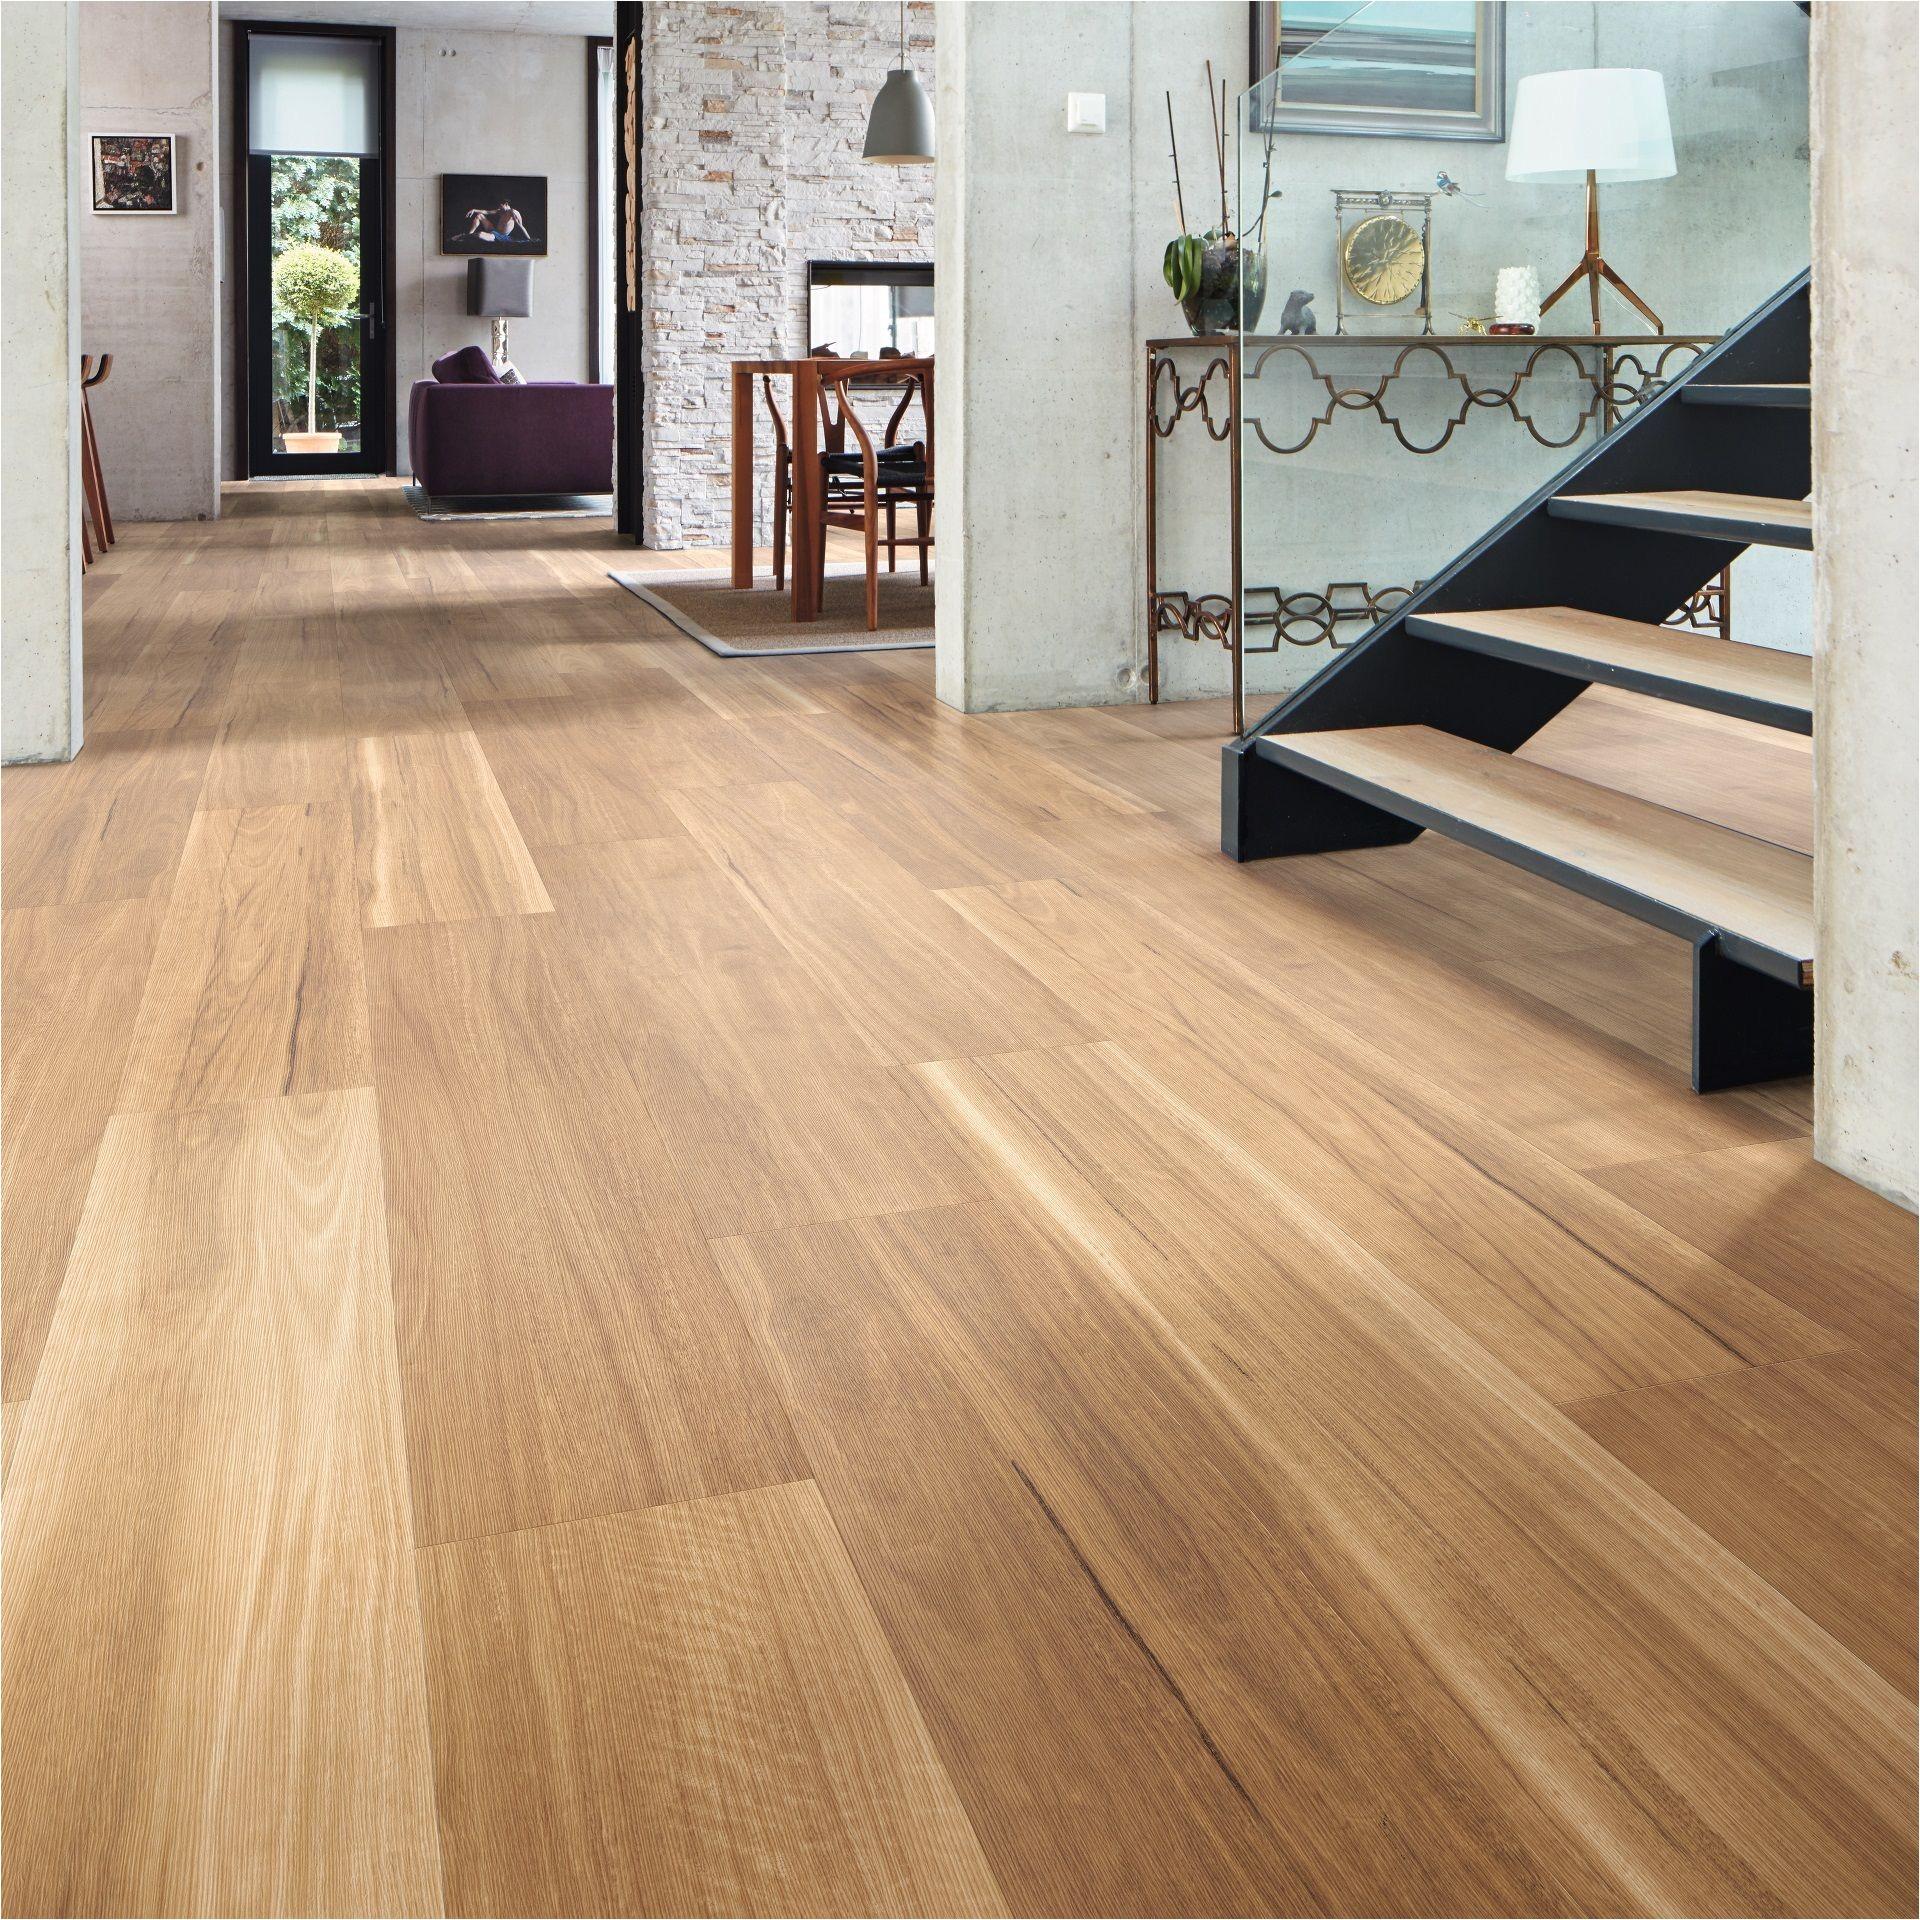 karndean looselay longboard vinyl flooring collection lemon spotted gum